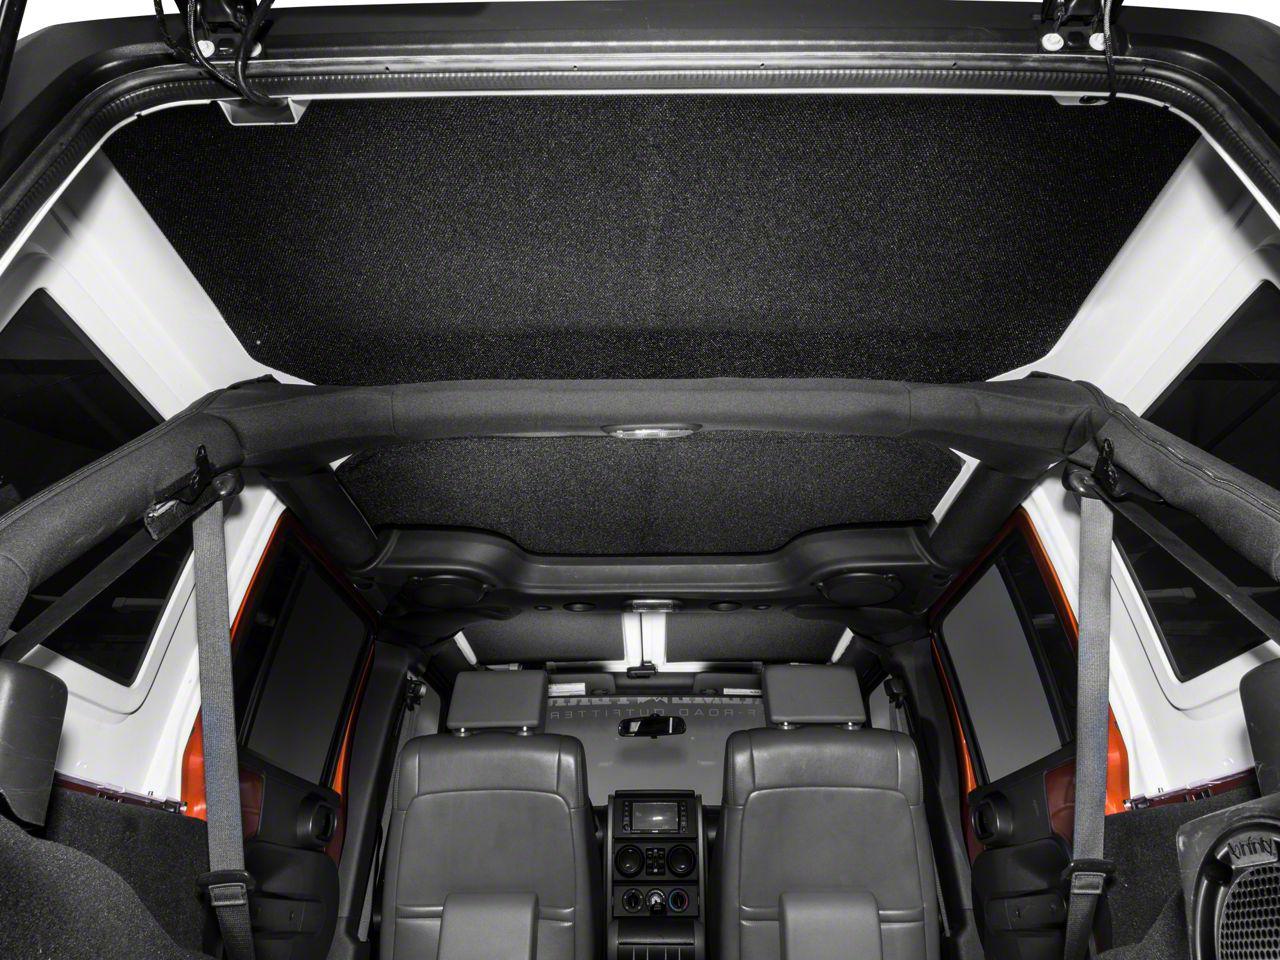 Boom Mat Sound Deadening Headliner - Black (11-18 Jeep Wrangler JK 4 Door)